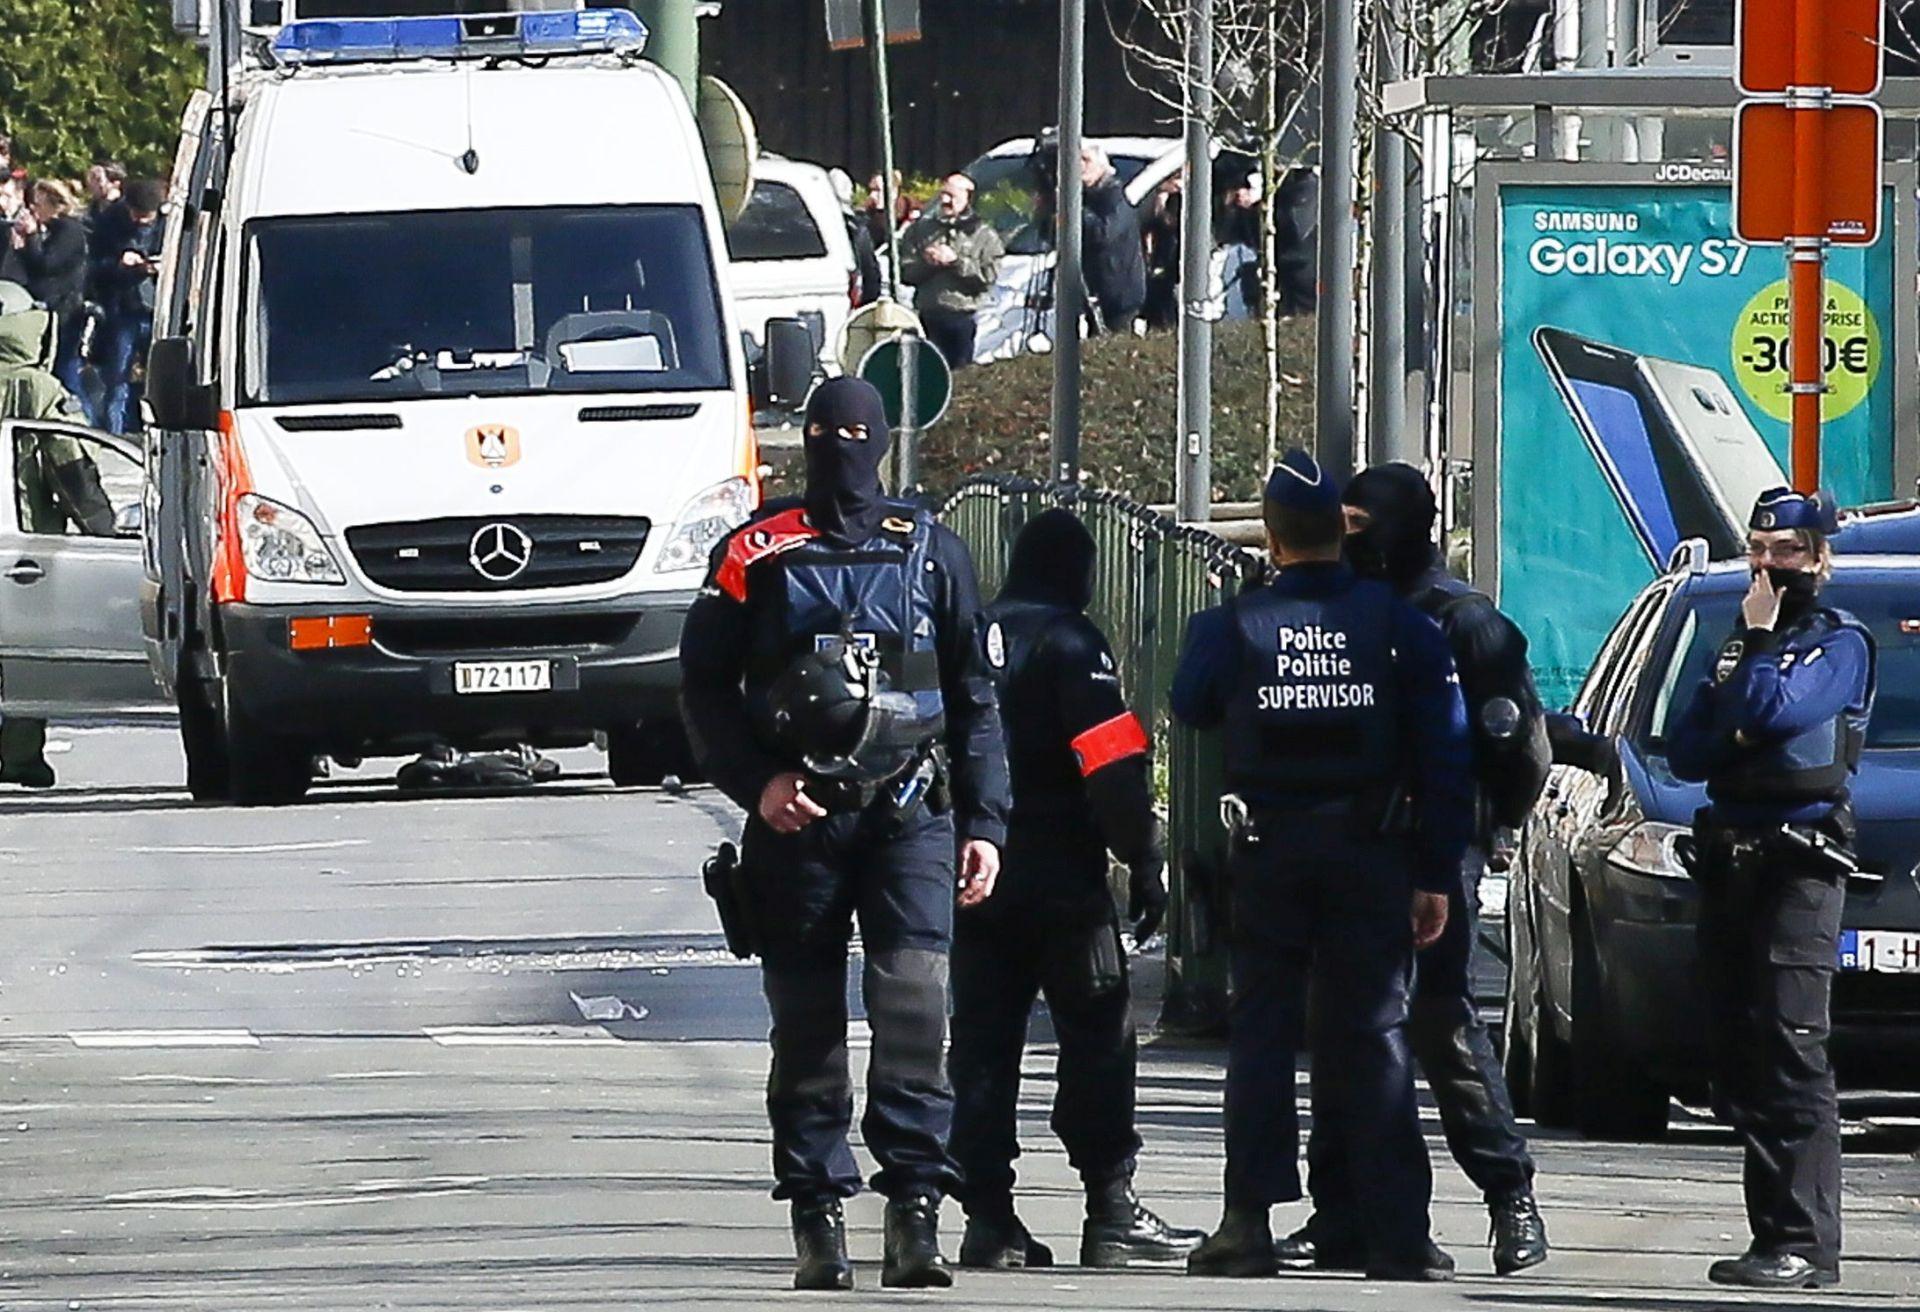 NAPADI U BRUXELLESU: Talijani uhitili Alžirca povezanog sa terorističkim napadom